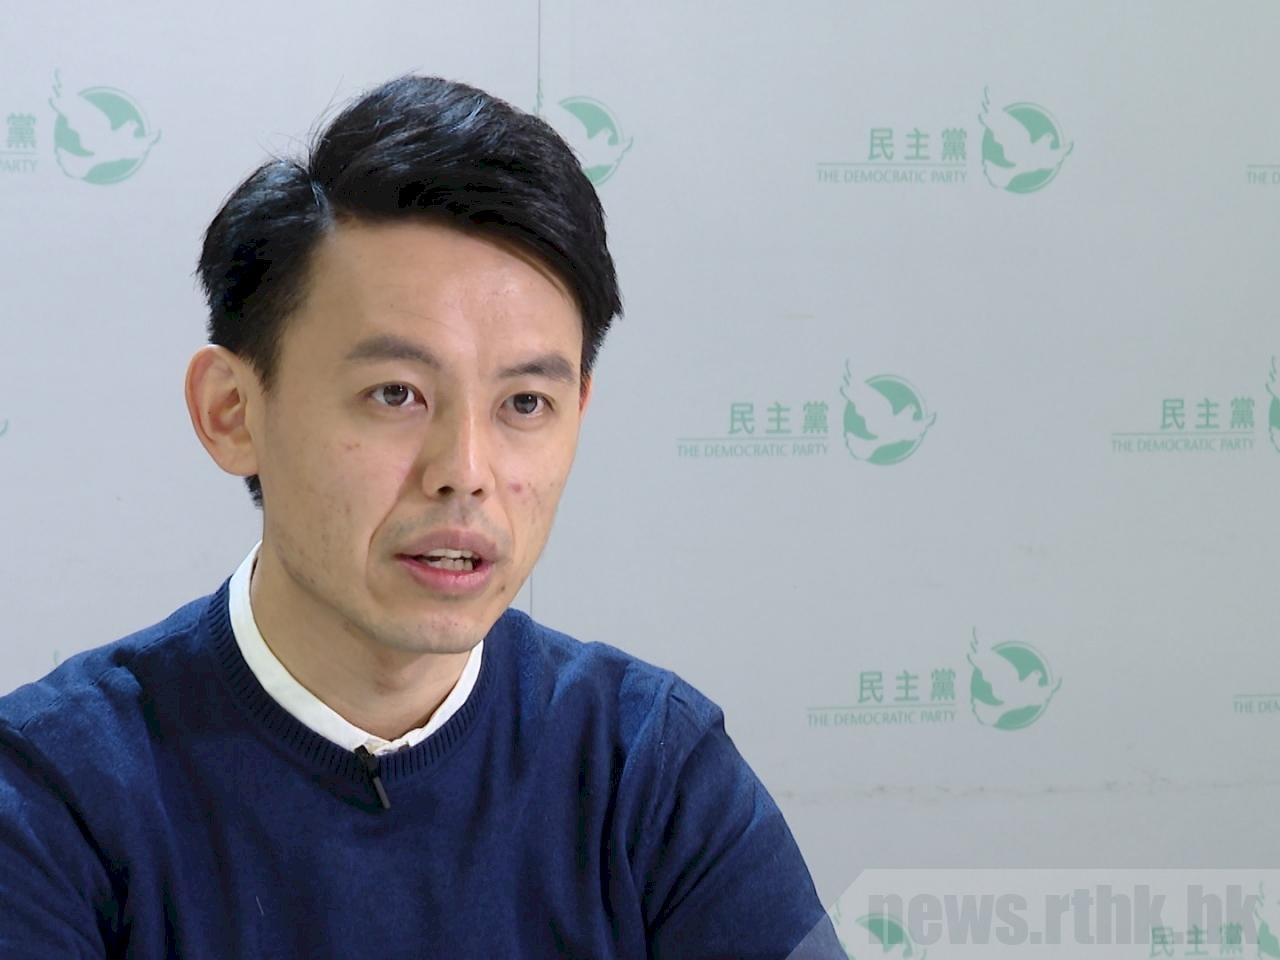 重新宣誓在即 港媒:民主派區議員辭職達半數